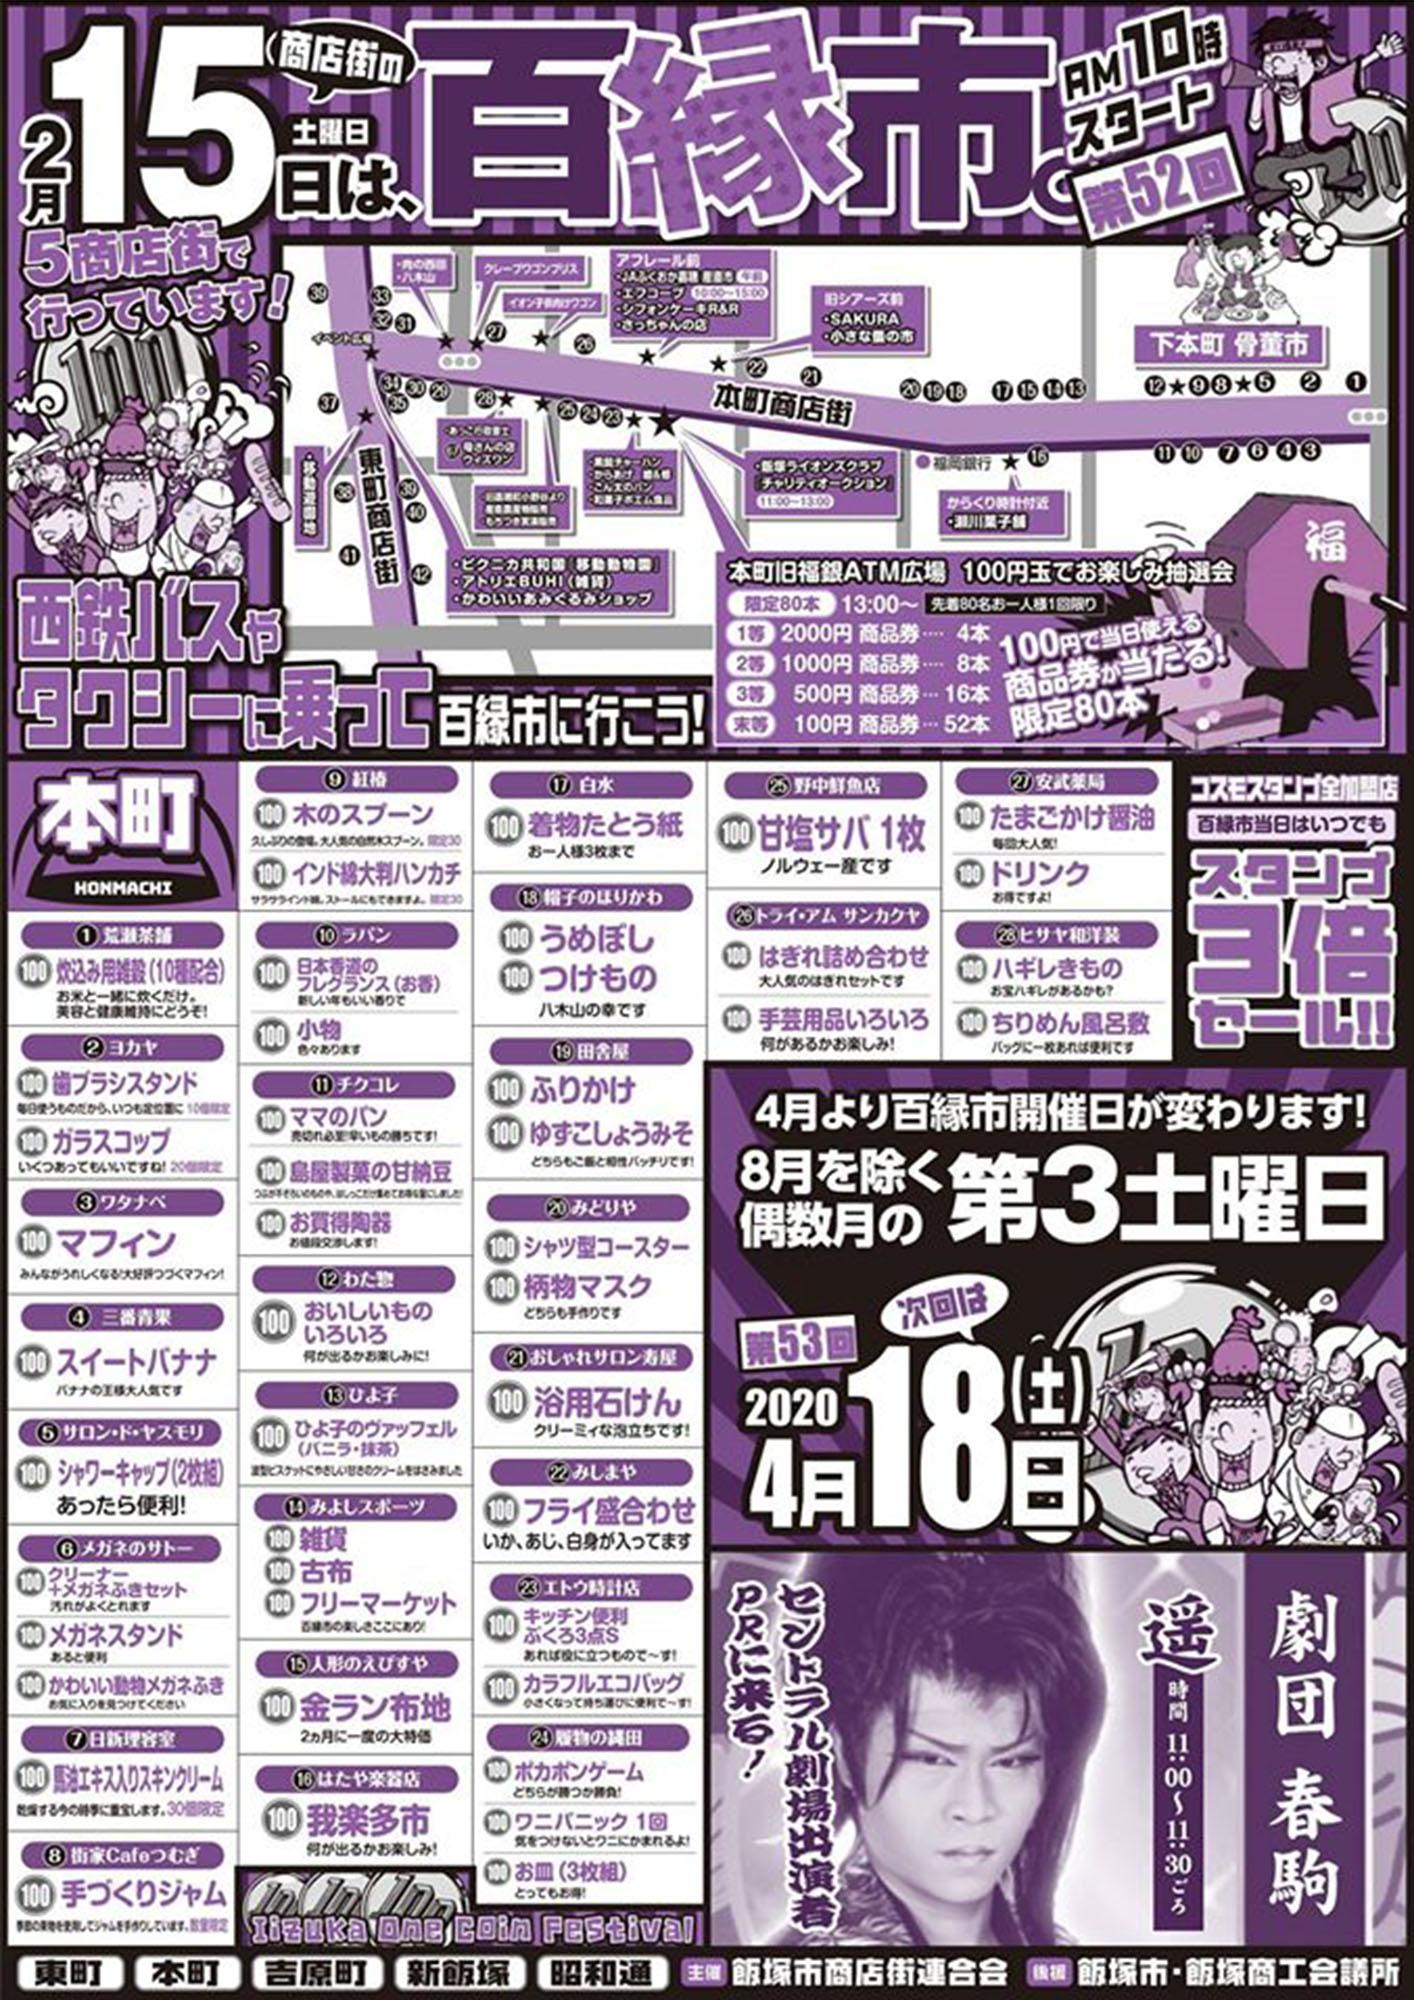 飯塚商店街 百縁市 2020年 2月